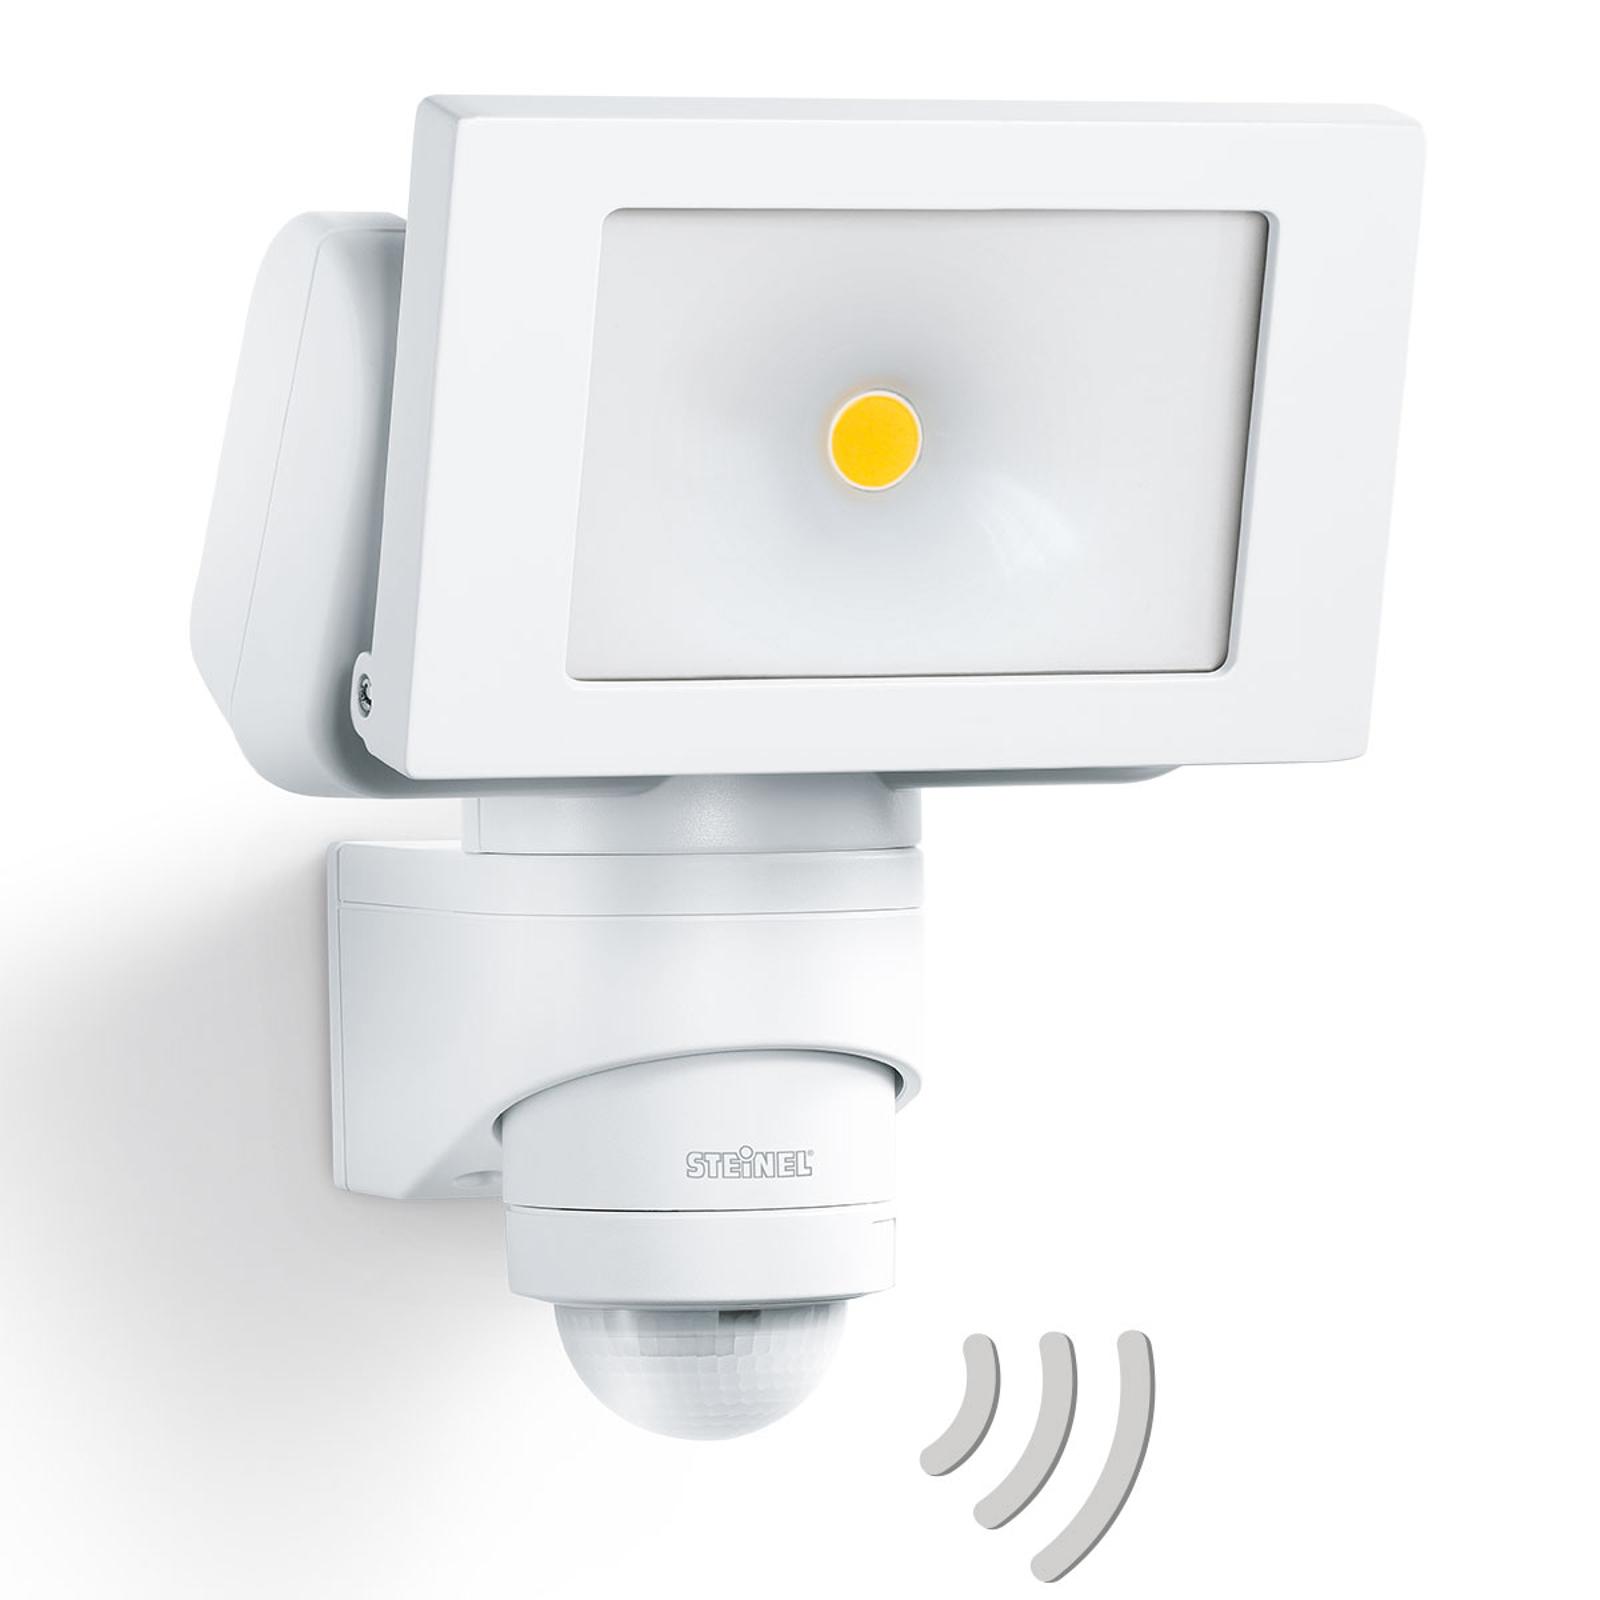 STEINEL LS 150 utendørs veggspot sensor hvit